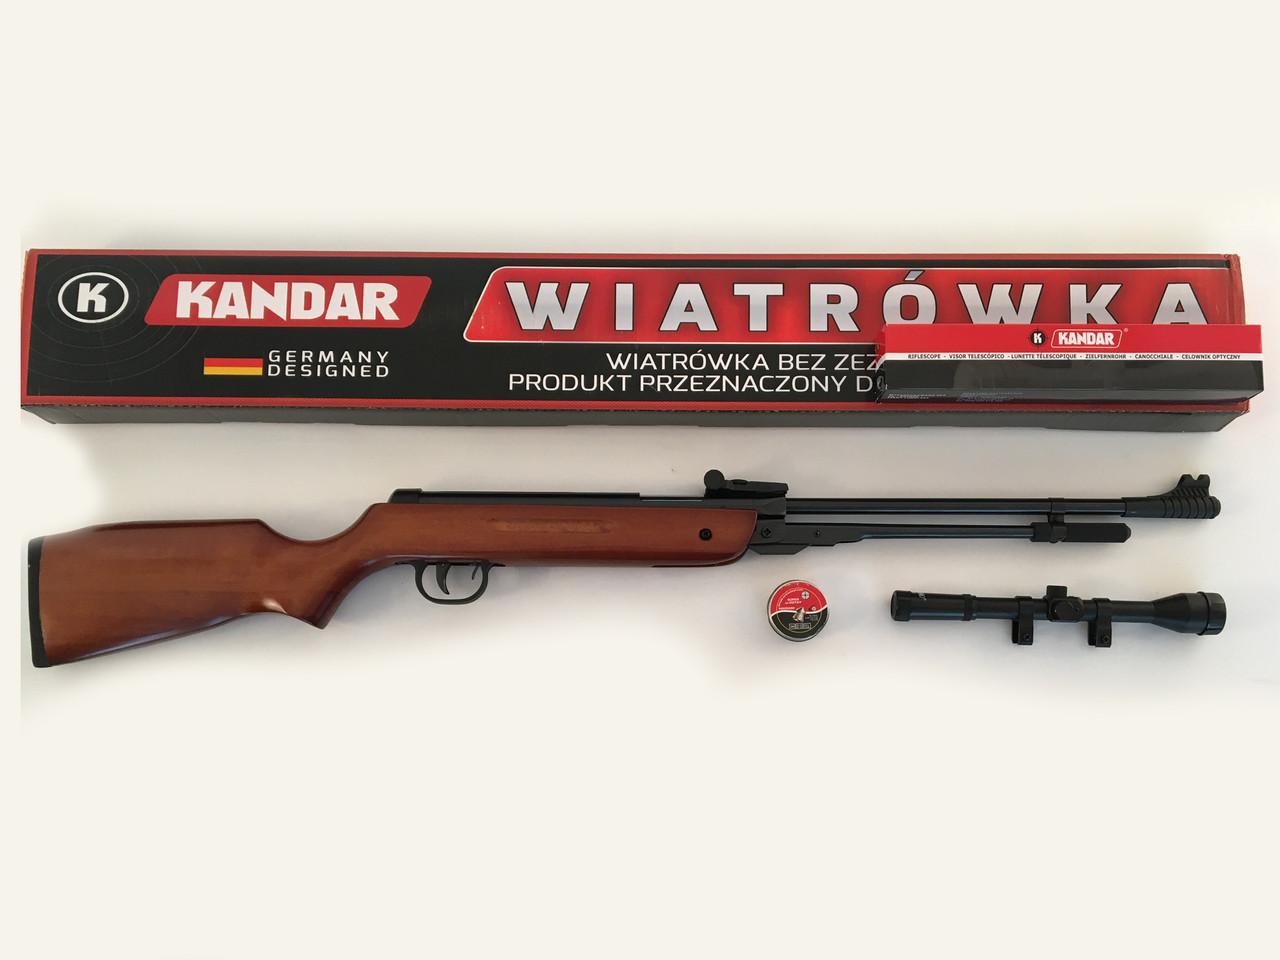 Пневматична гвинтівка PRO Germany HARD 4,5 mm 280 m/s оптика Kandar 3-7x28TV